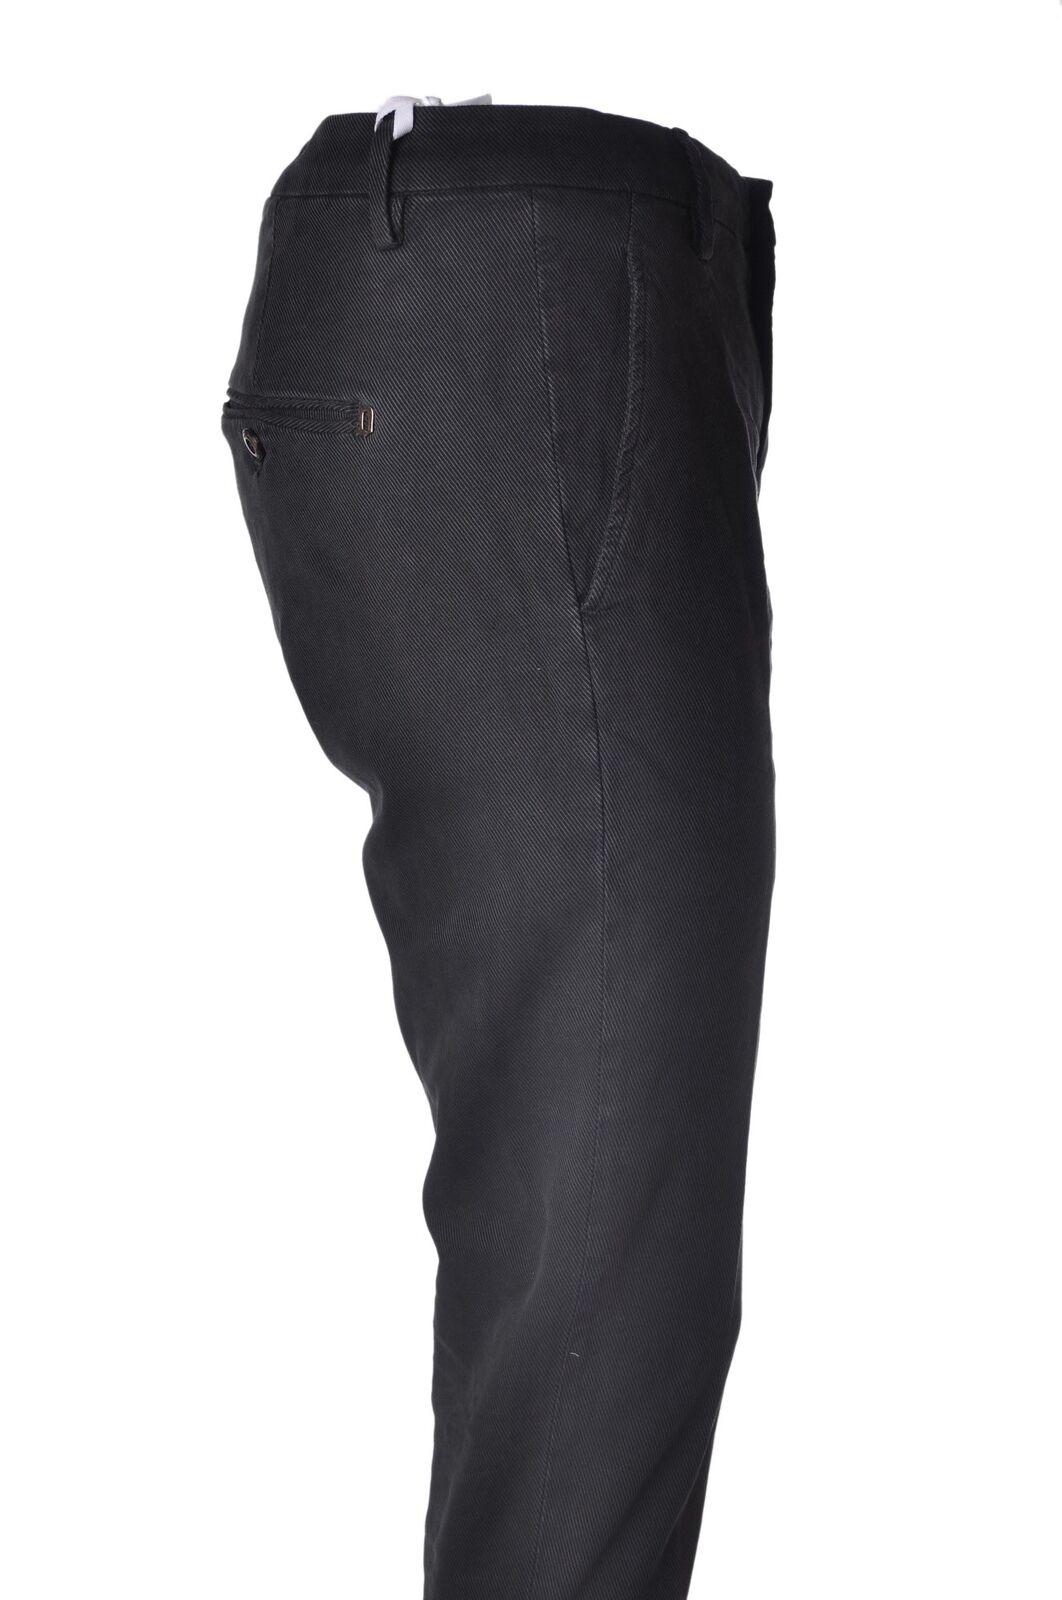 Dondup - Jeans-Pantaloni - Uomo - Blu - 4322106C194755